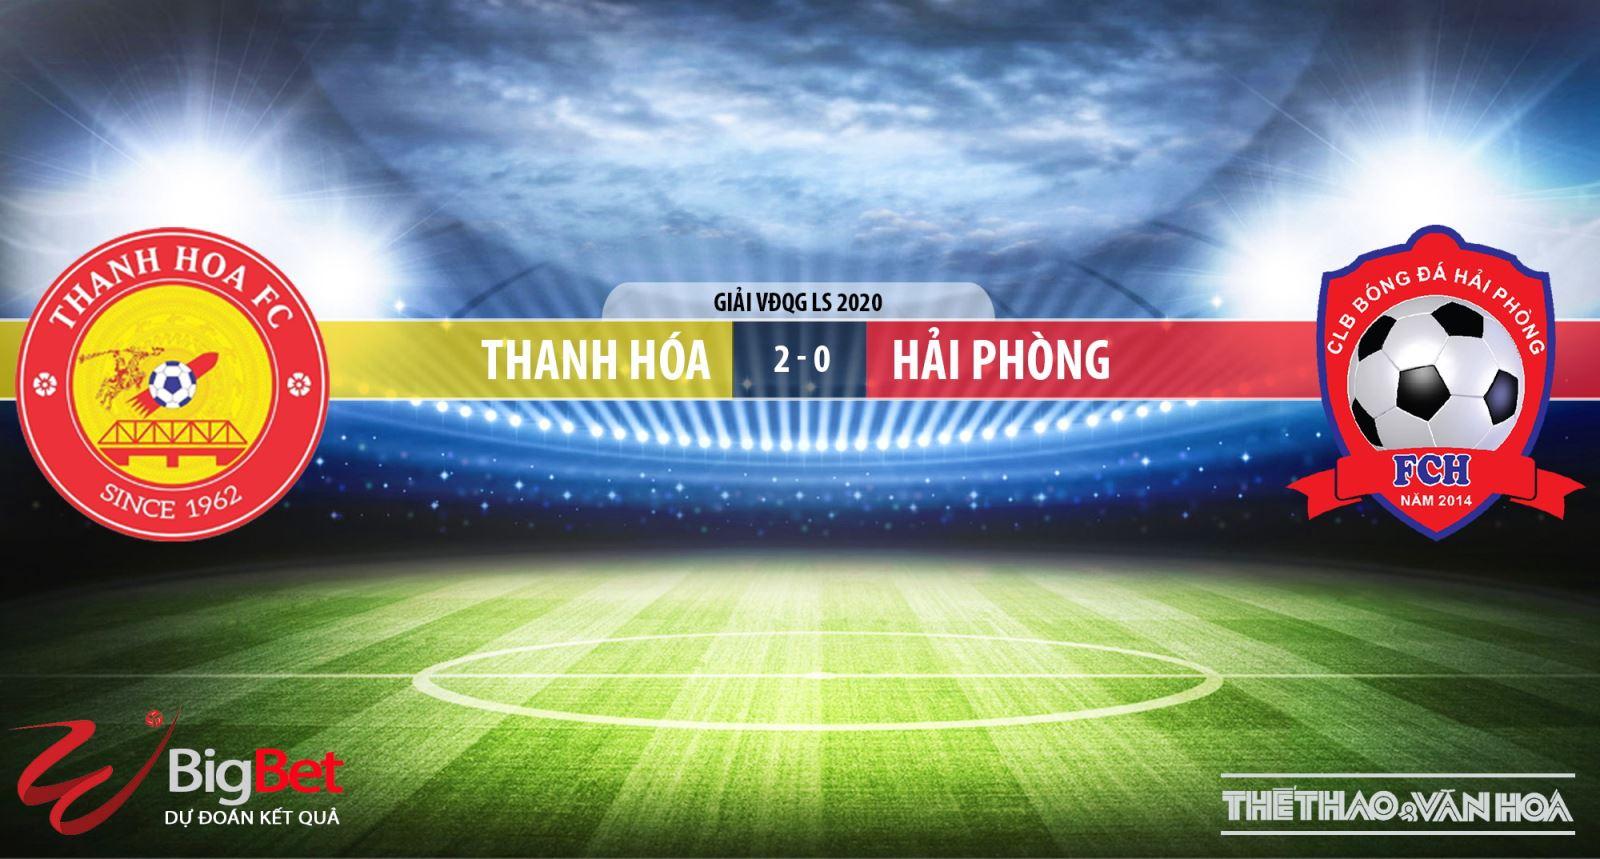 Thanh Hóa đấu vớiHải Phòng, Thanh Hóa vs Hải Phòng, bong da, bóng đá, soi kèo, trực tiếp Thanh Hóa đấu với Hải Phòng, lịch thi đấu, V League, TTTTHD